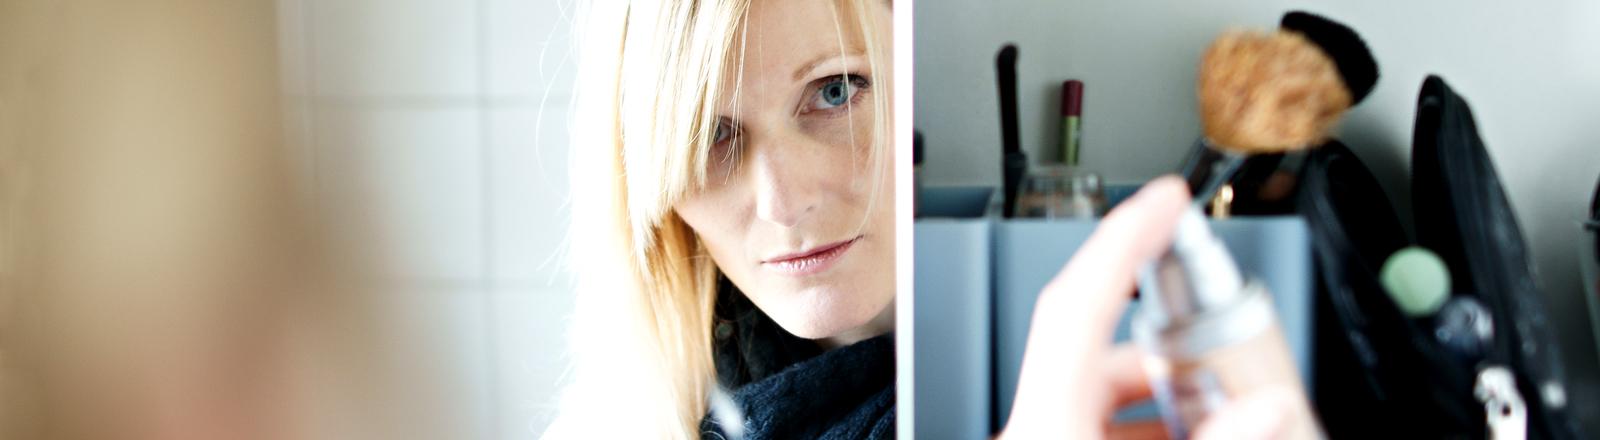 Frau blickt in geöffneten Kosmetikschrank